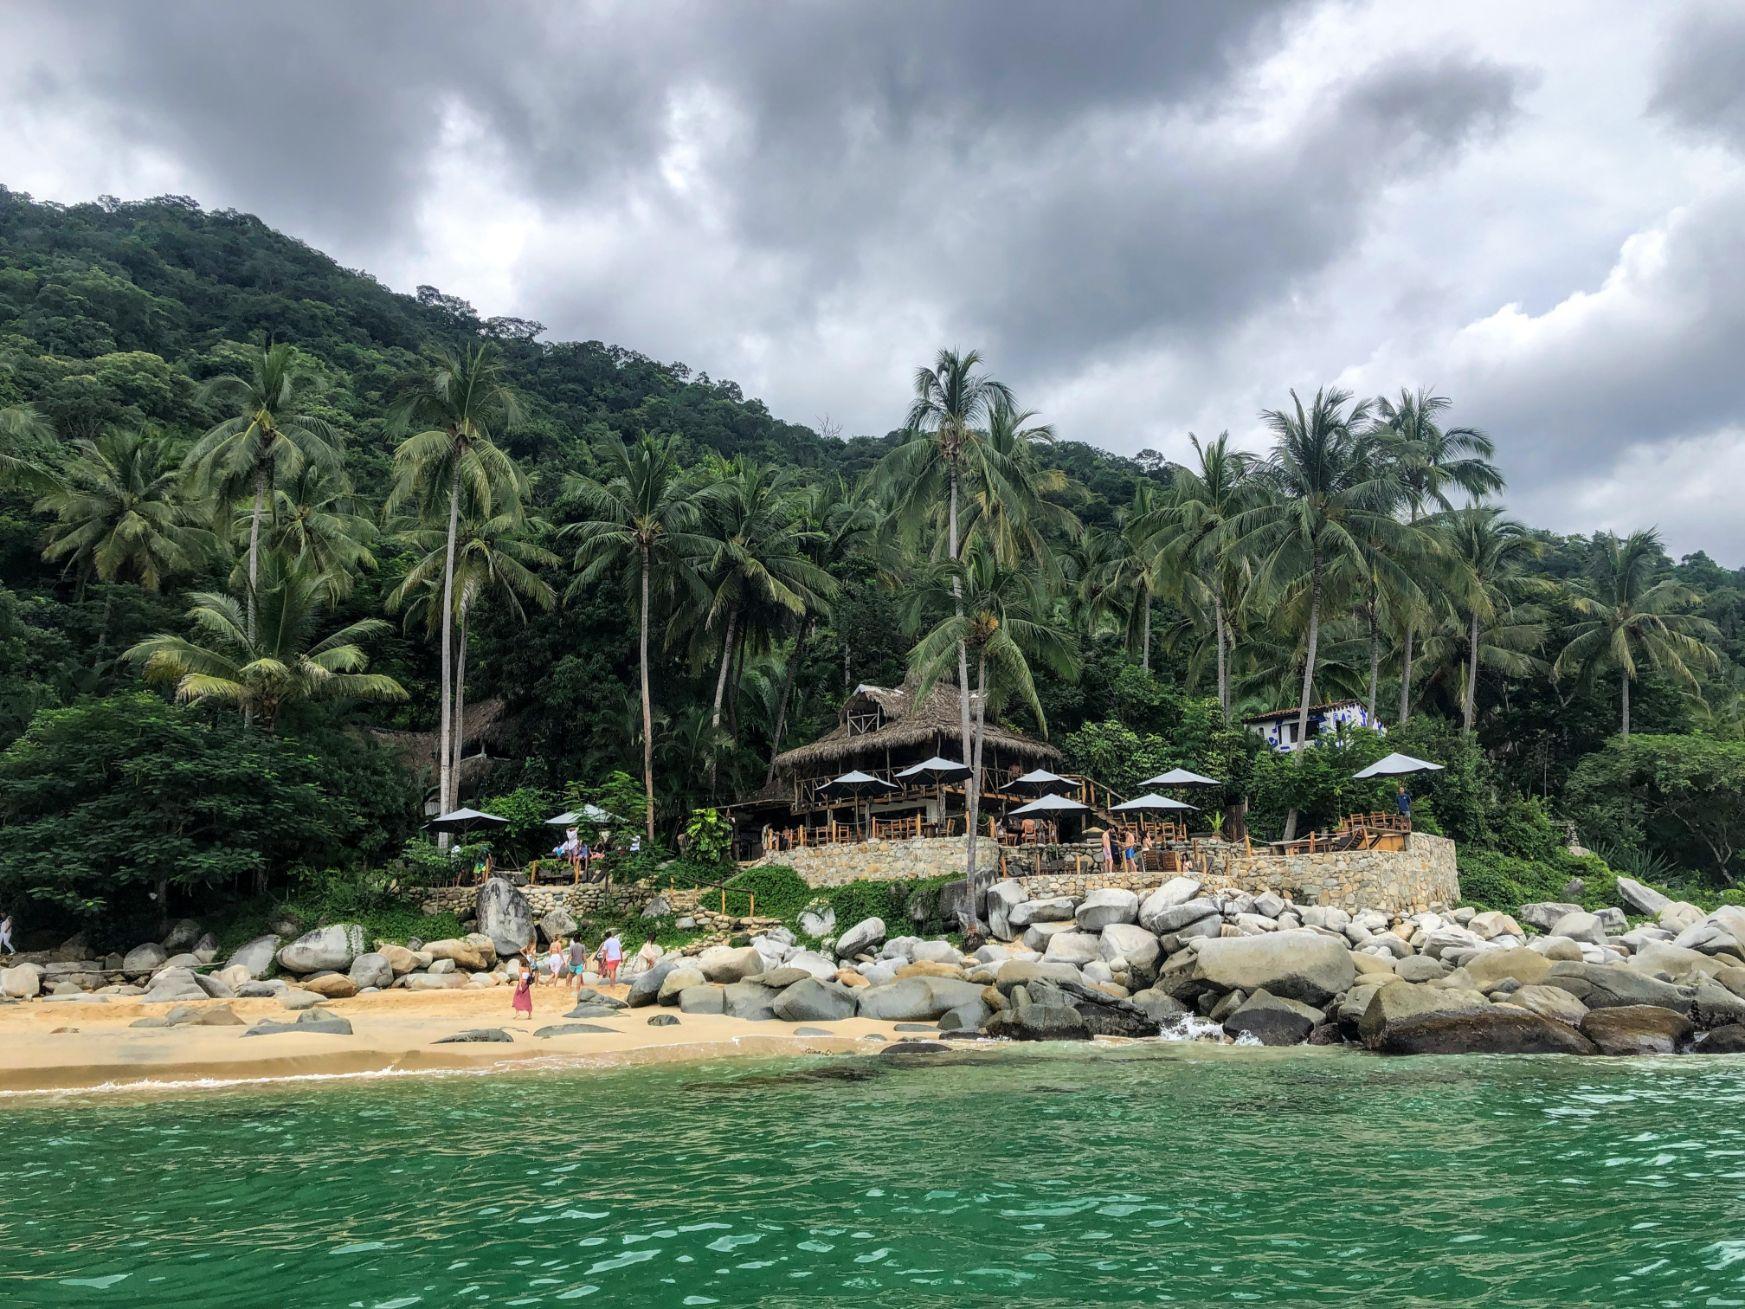 Casitas Maraika resort from the water